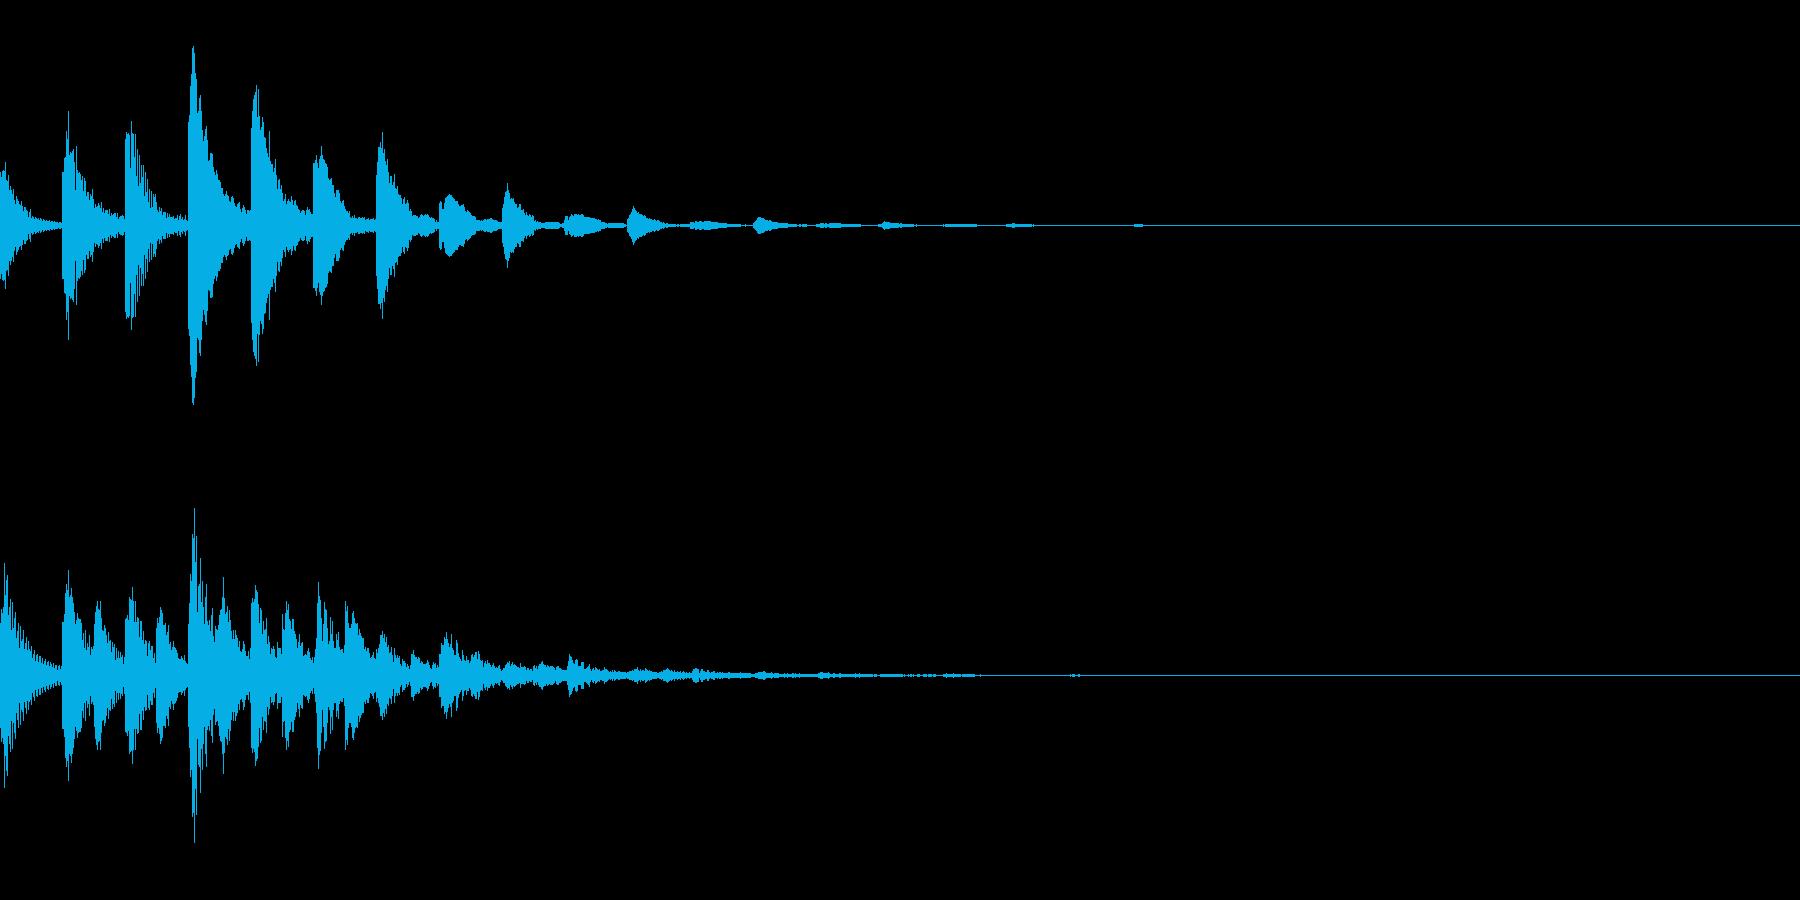 ピポポパ(宇宙/癒し系/綺麗/回復の再生済みの波形